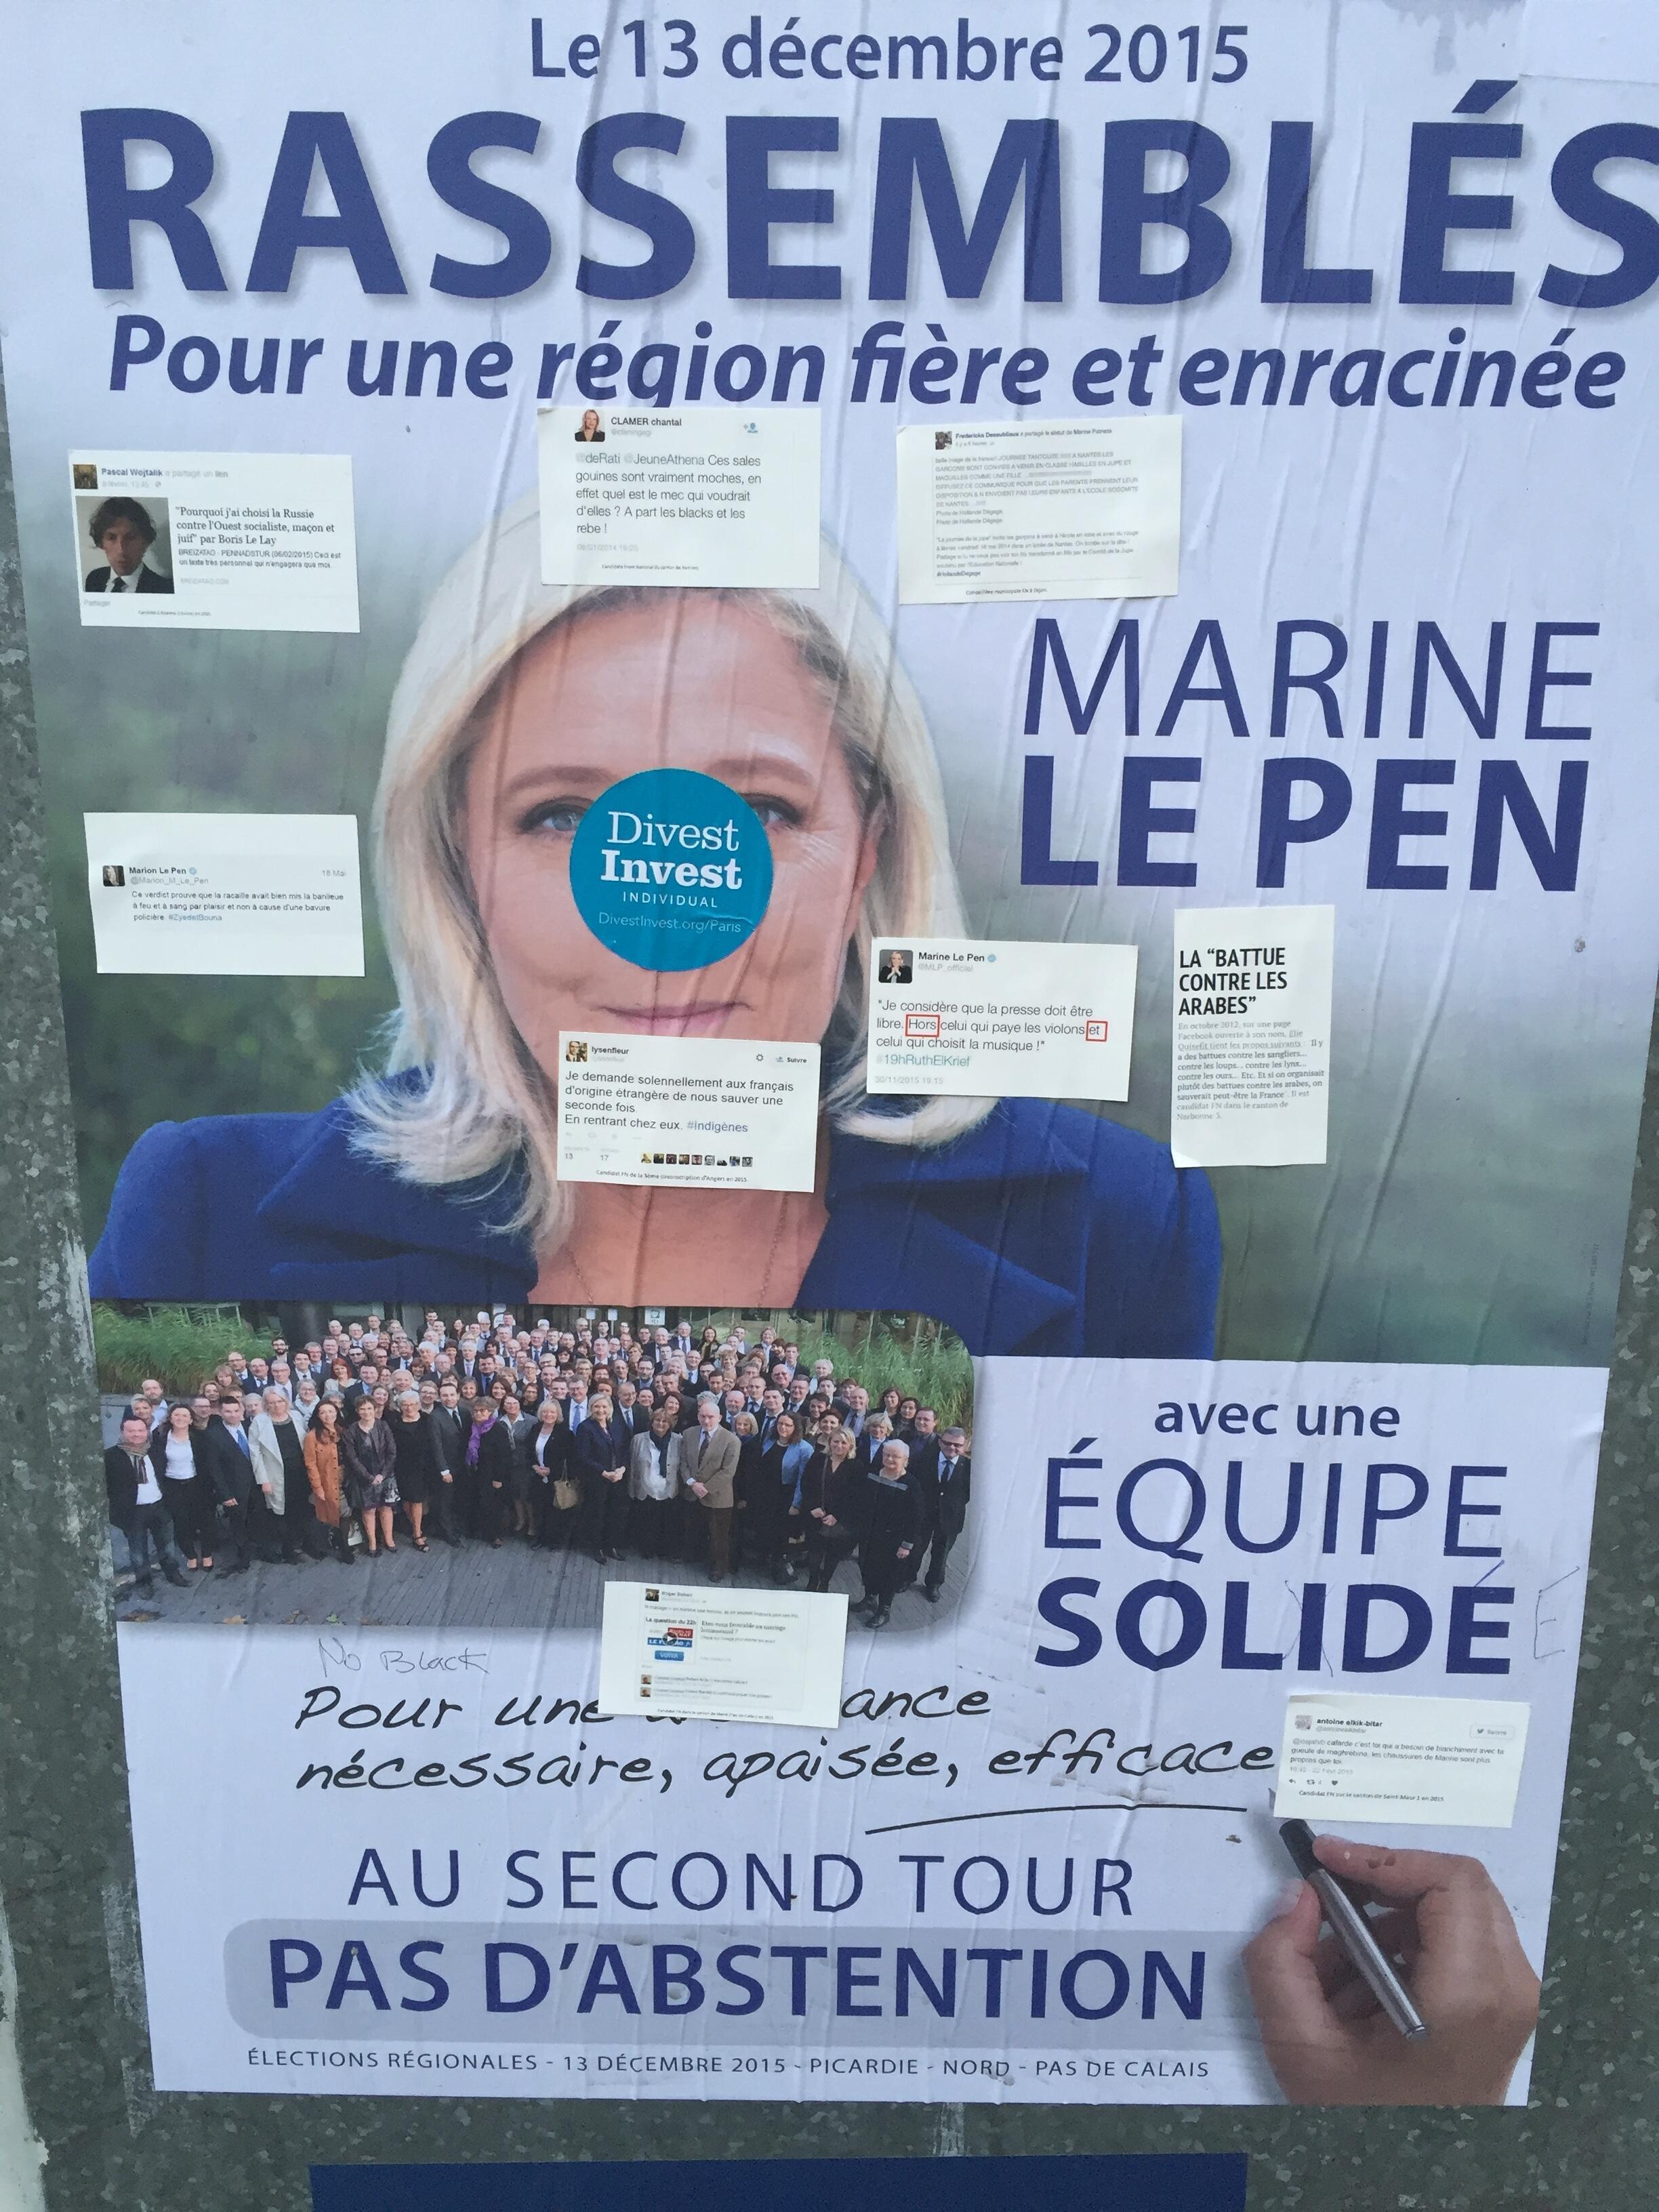 """ملصق انتخابي لمارين لوبين زعيمة """"الجبهة الوطنية"""" تم تشويهها من قبل مناهضين"""